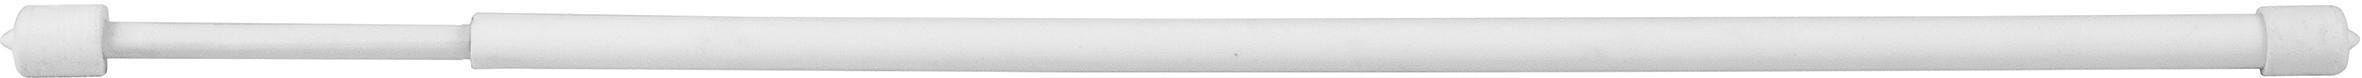 Astine A Molla Riducibili 40-30 Cm Ø 8 Mm Plastificato Bianco 2 Pezzi